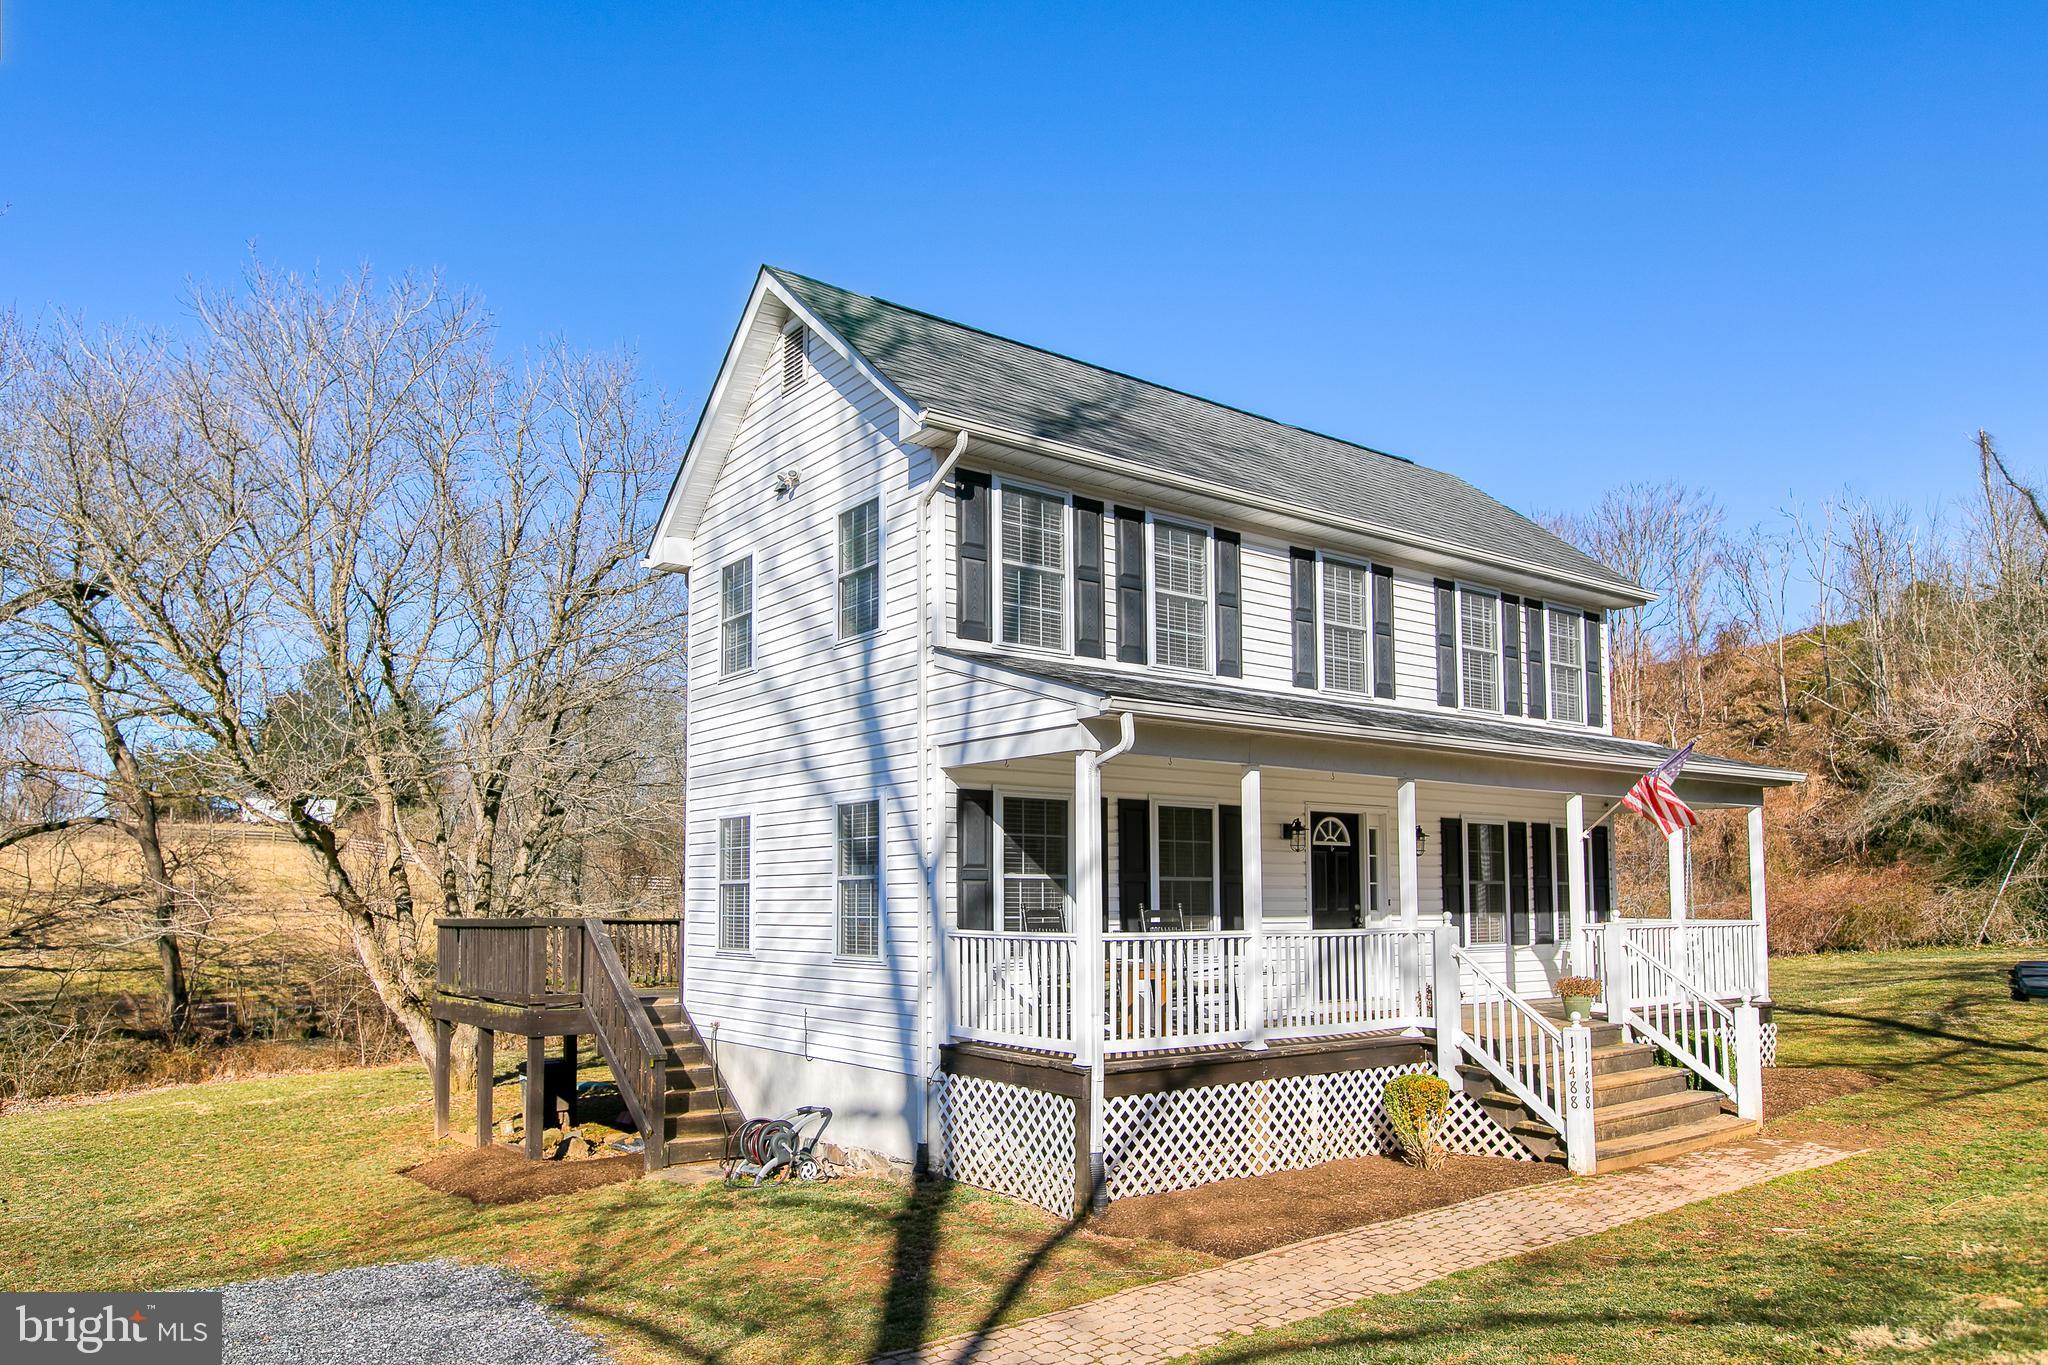 11488 FARM HOUSE ROAD, MARKHAM, VA 22643